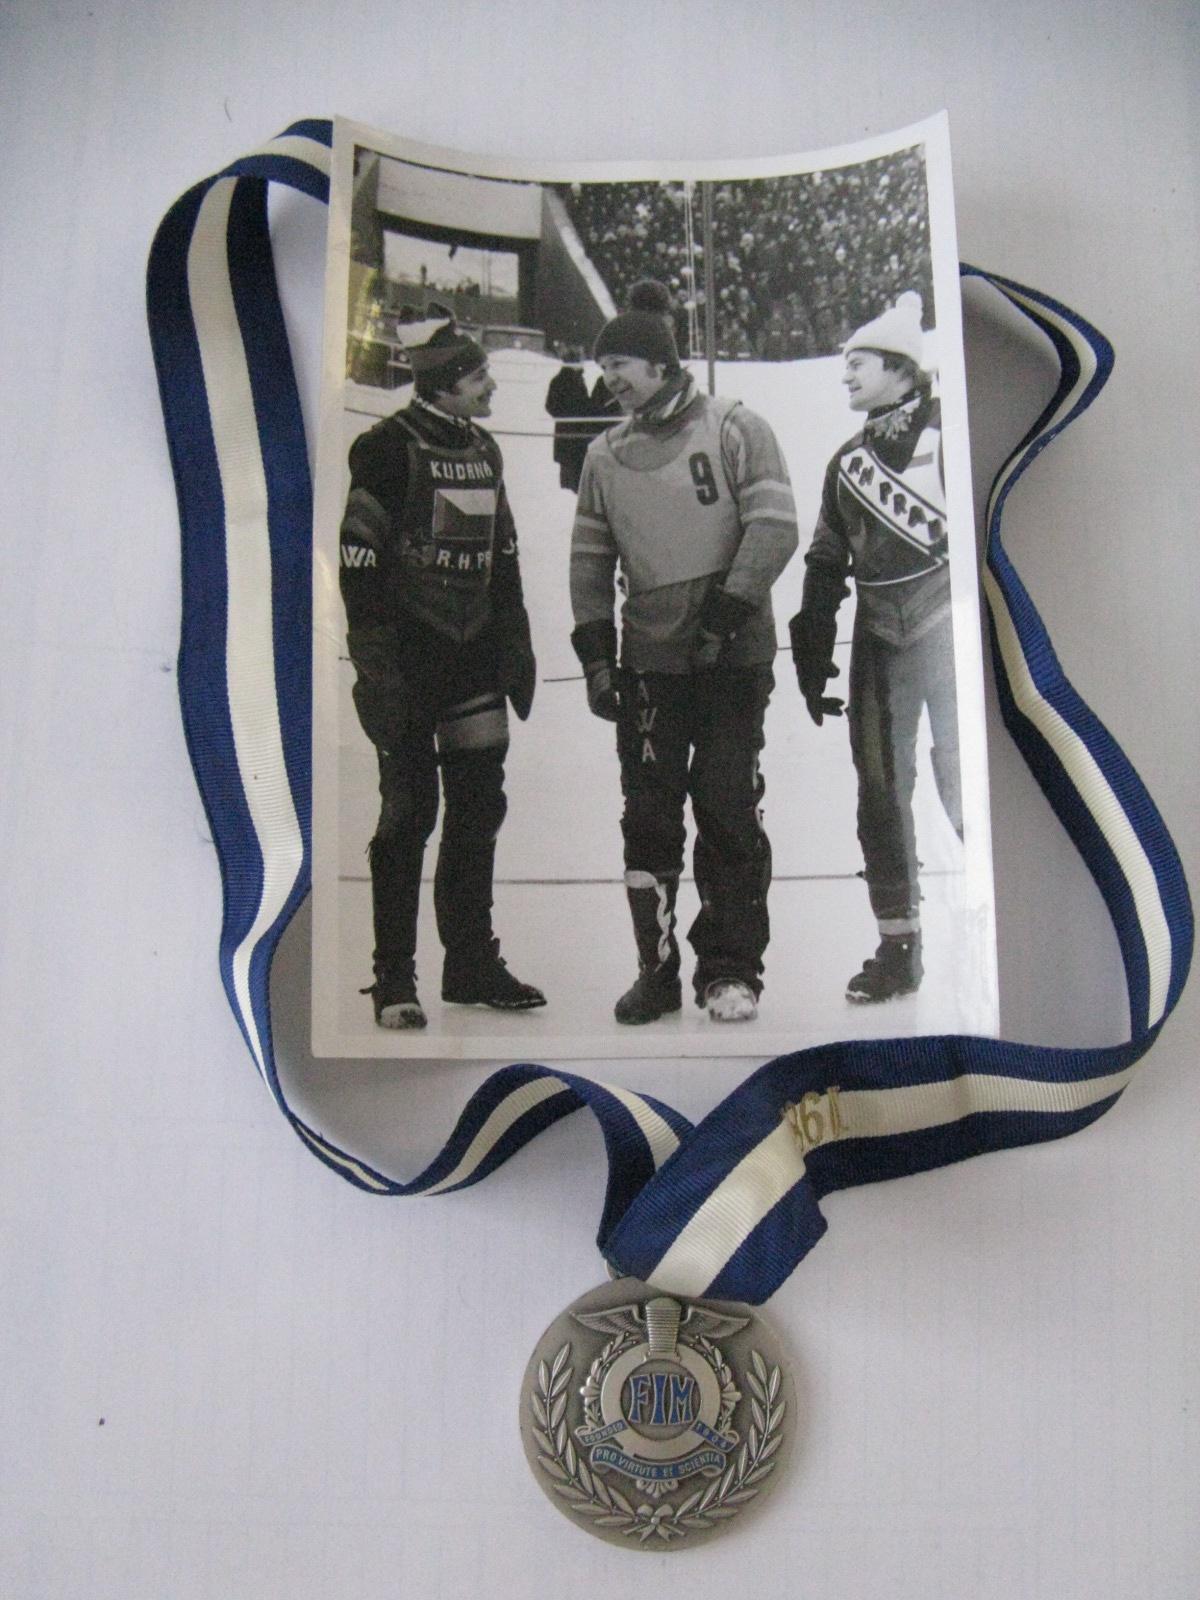 Stříbrná medaile z Kalininu 1982 společně se snímkem Zdeňka Kudrny, Milana Špinky a Jiřího Svoboda z nástupu